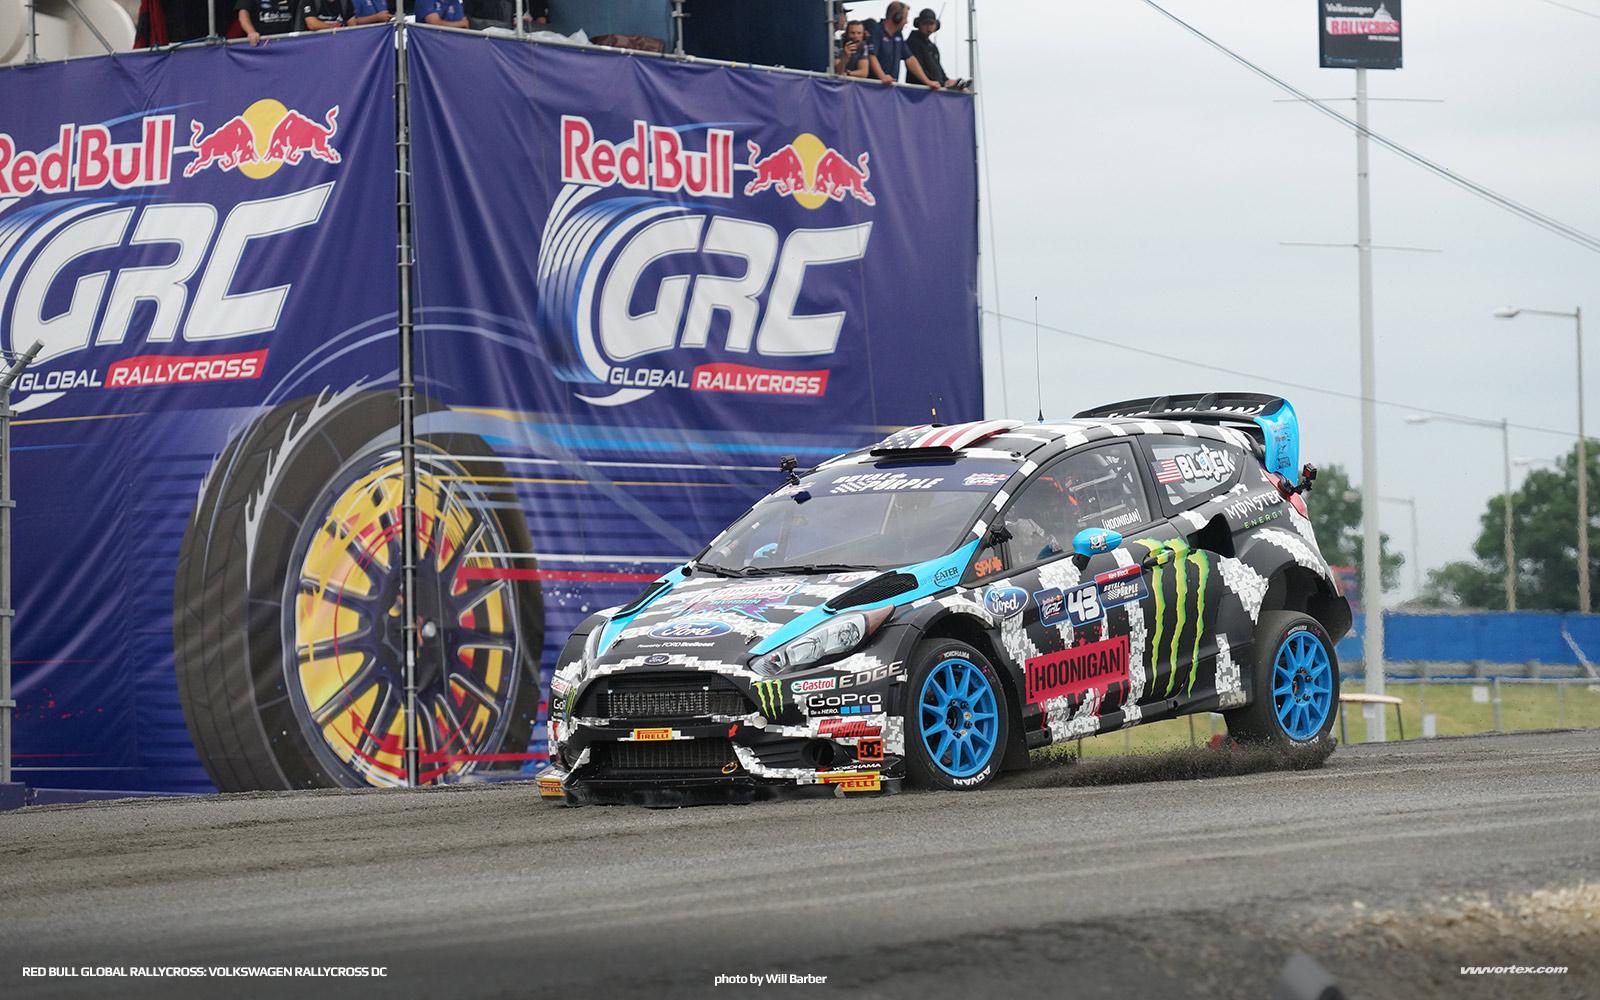 volkswagen-rallycross-dc-qualifying-372